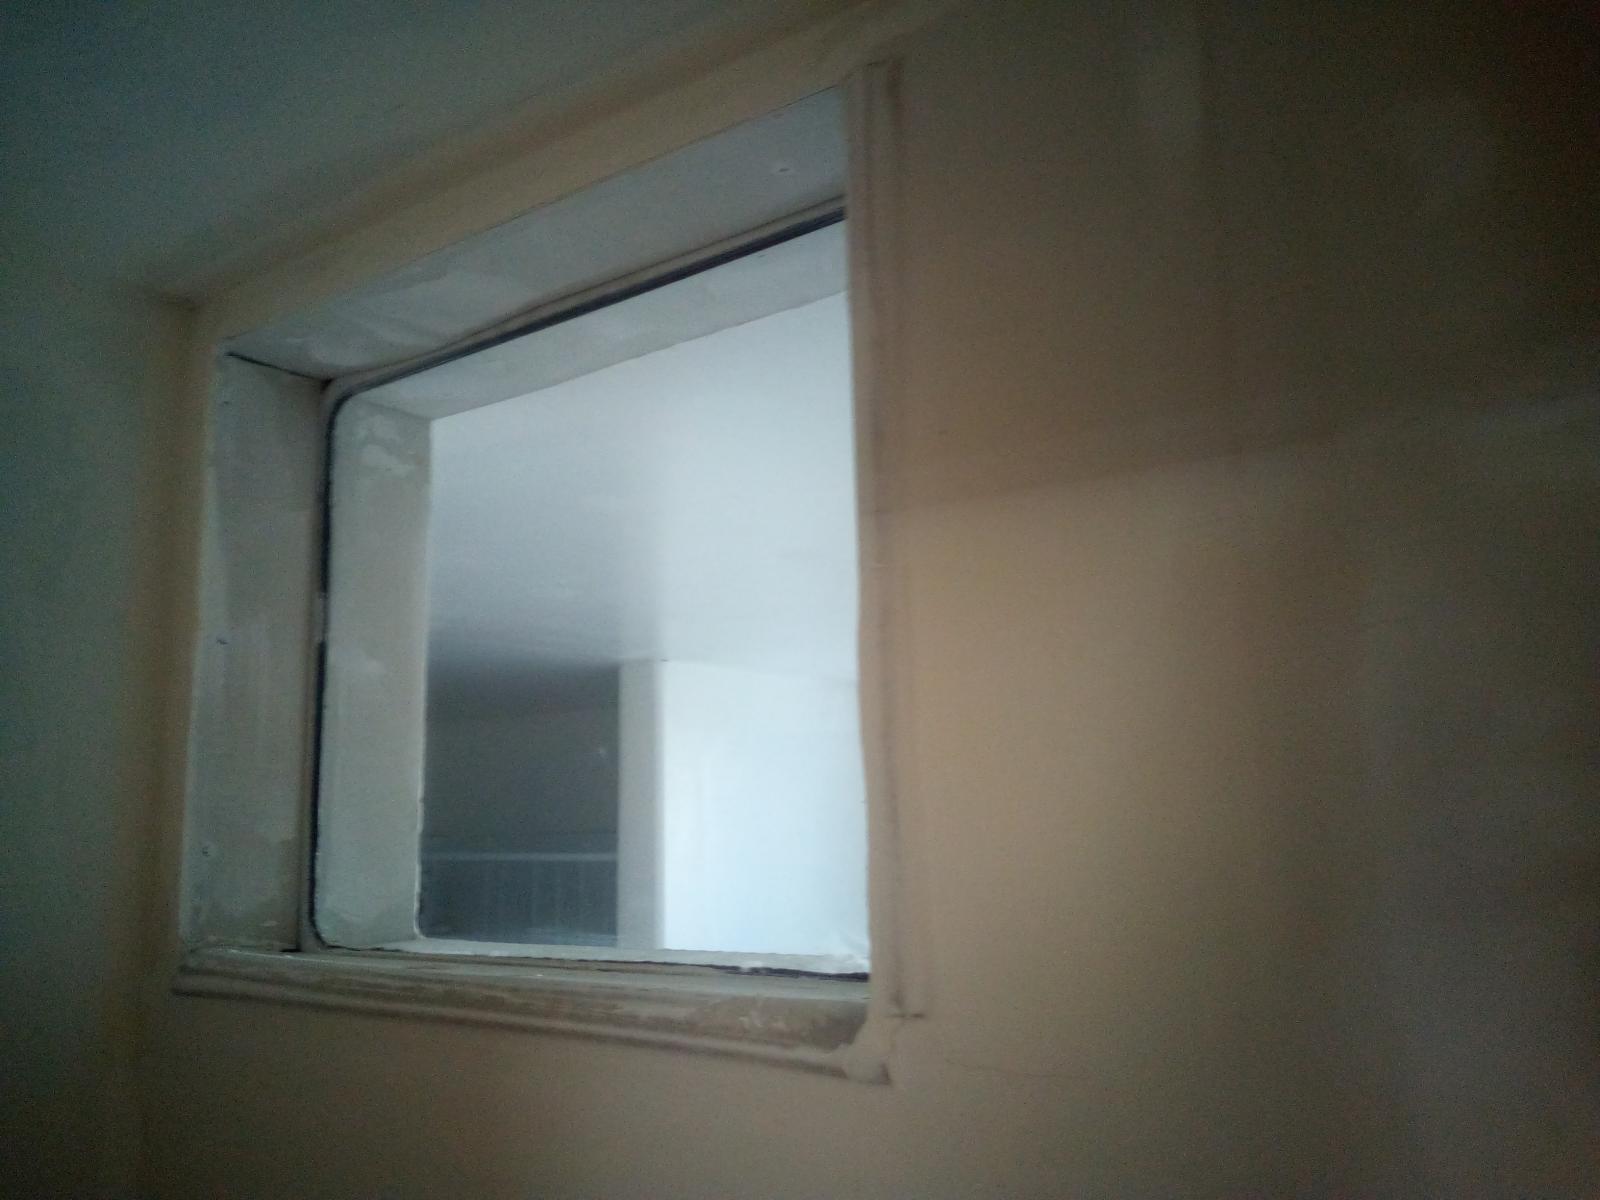 Vw bus kitchen window